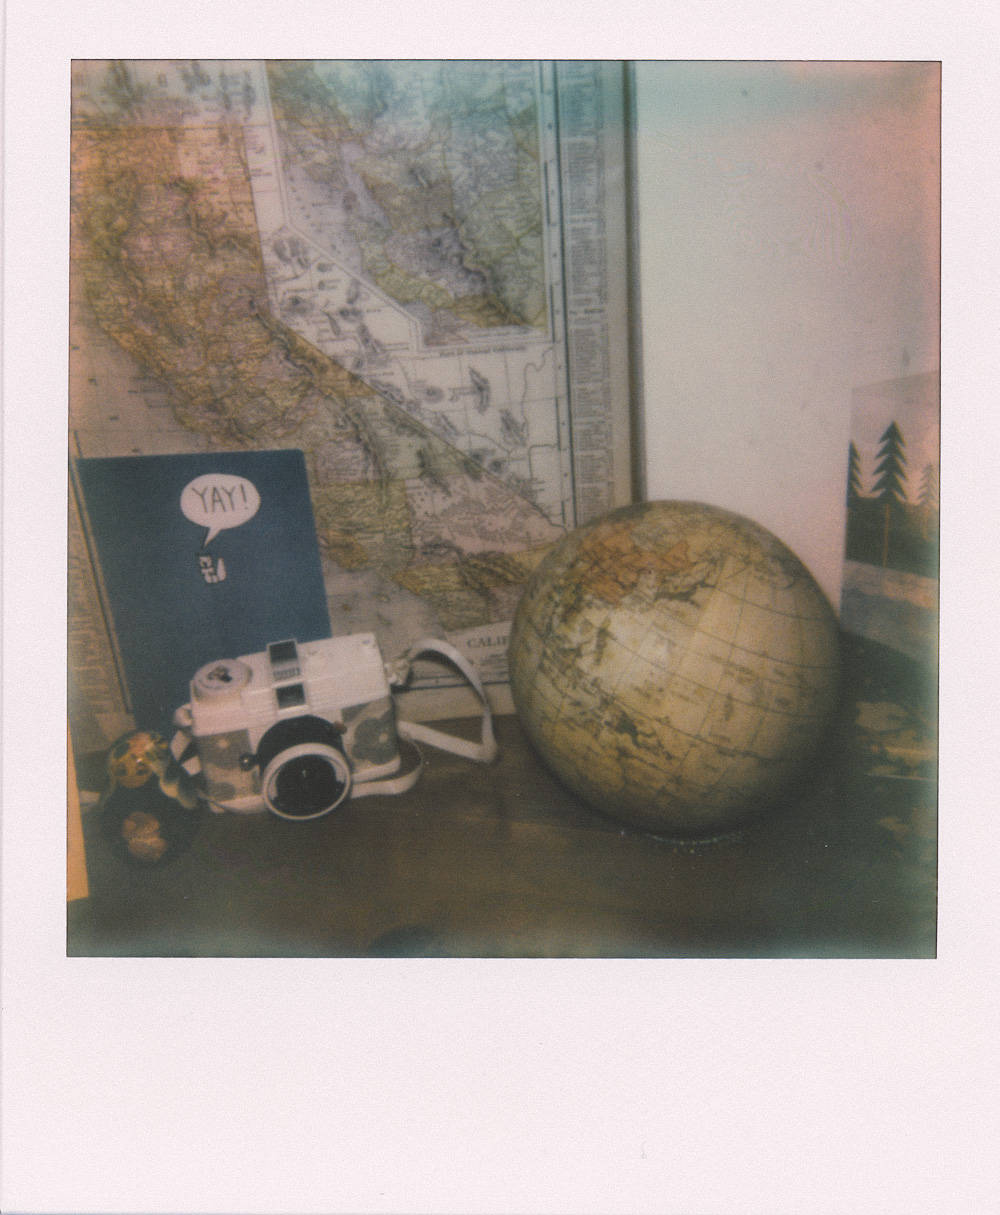 traveller gift